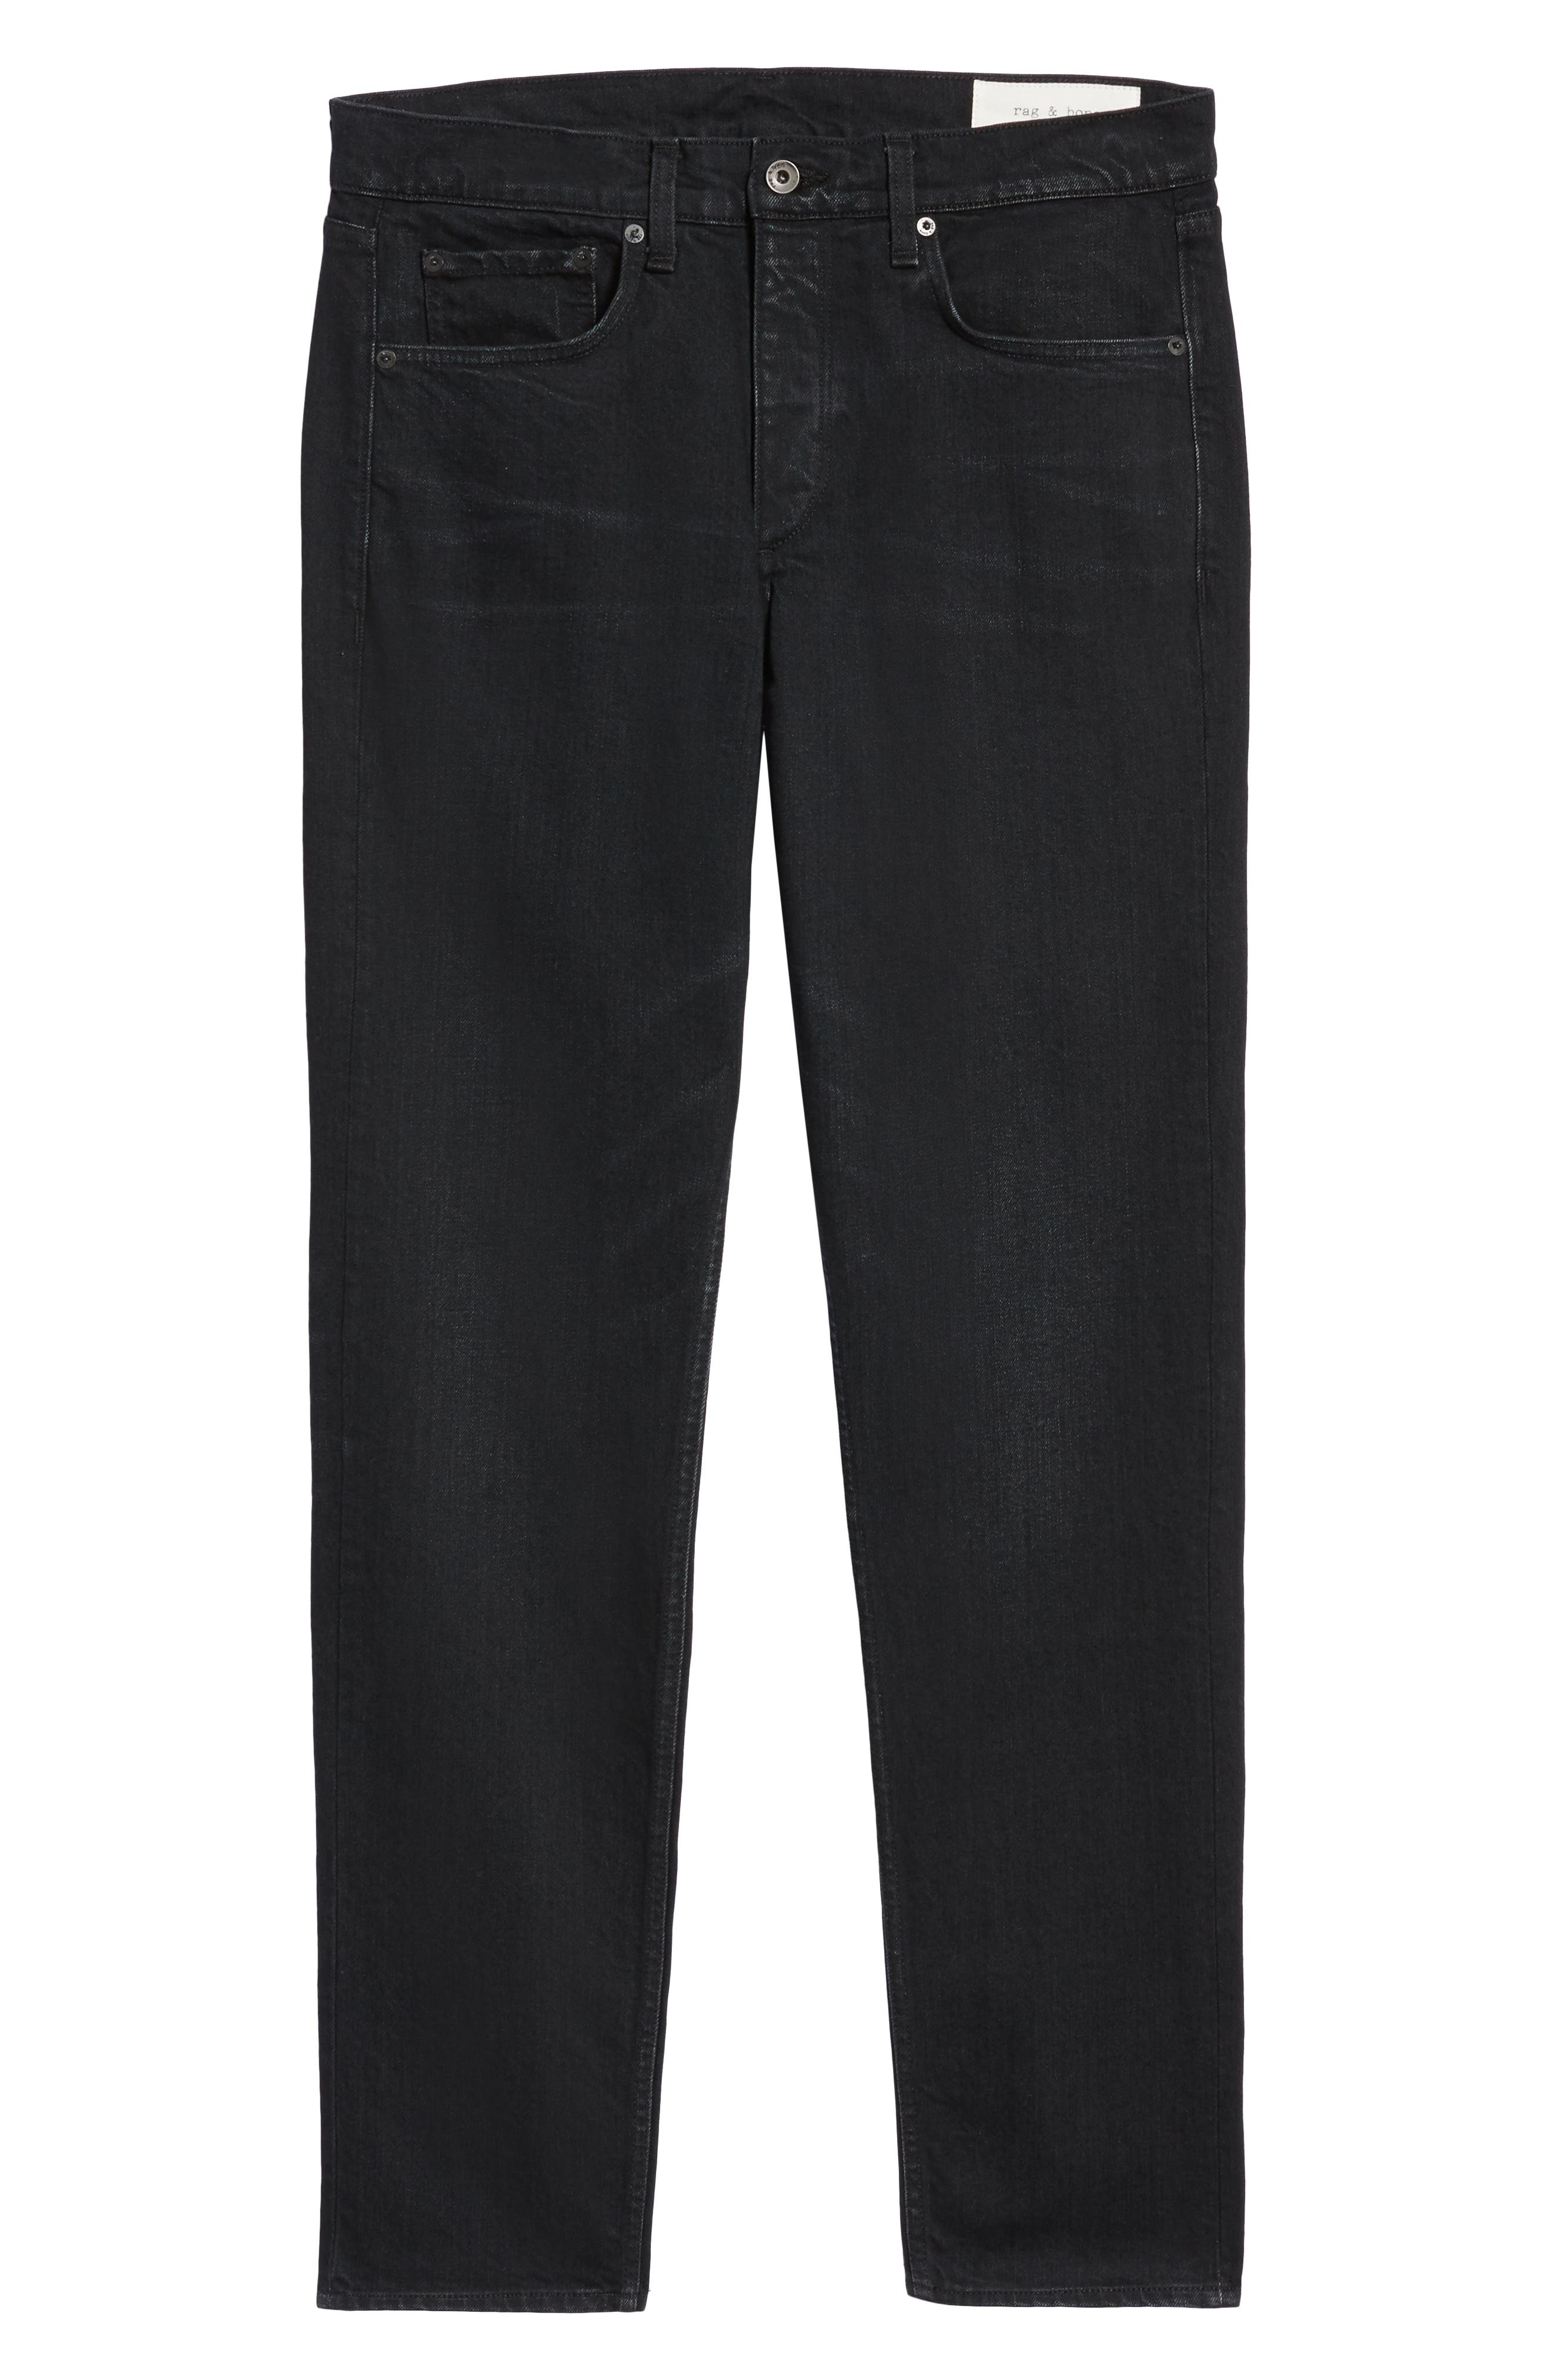 Fit 2 Slim Fit Jeans,                             Alternate thumbnail 6, color,                             DEVON